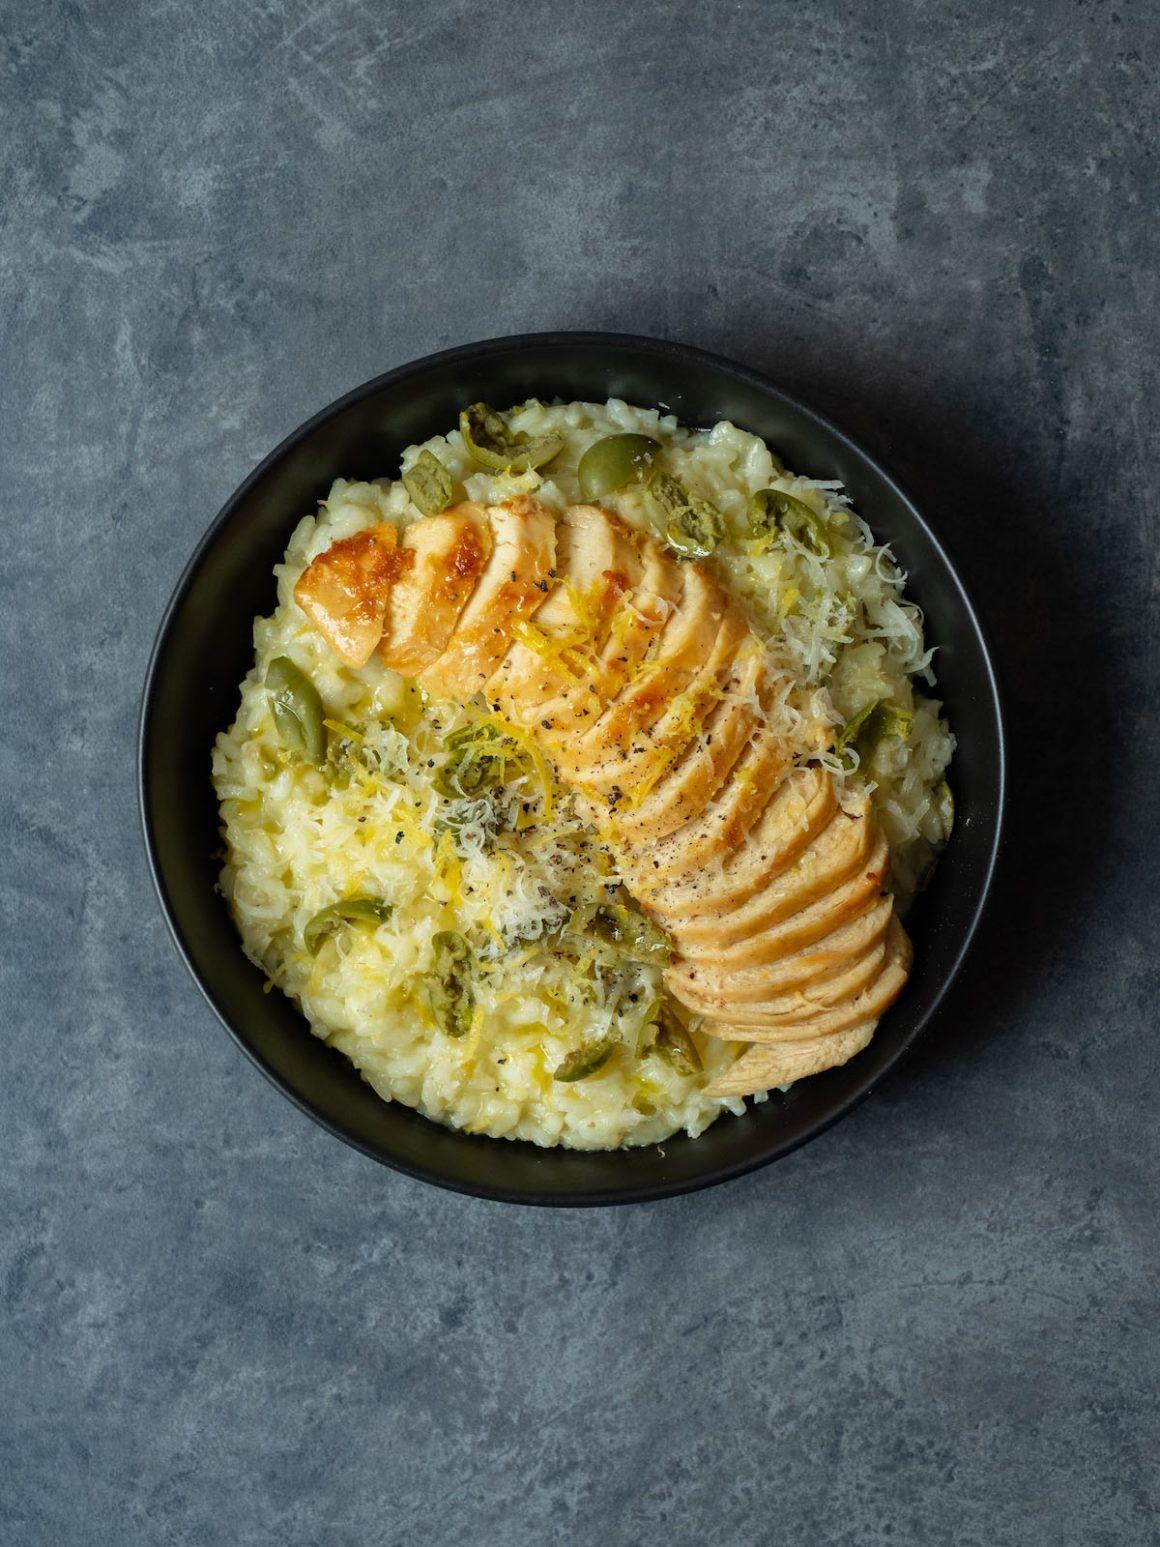 Foodblog, About Fuel, Rezept Zitronenrisotto, grüne Oliven, Maispularde, Hauptgericht, Parmesan